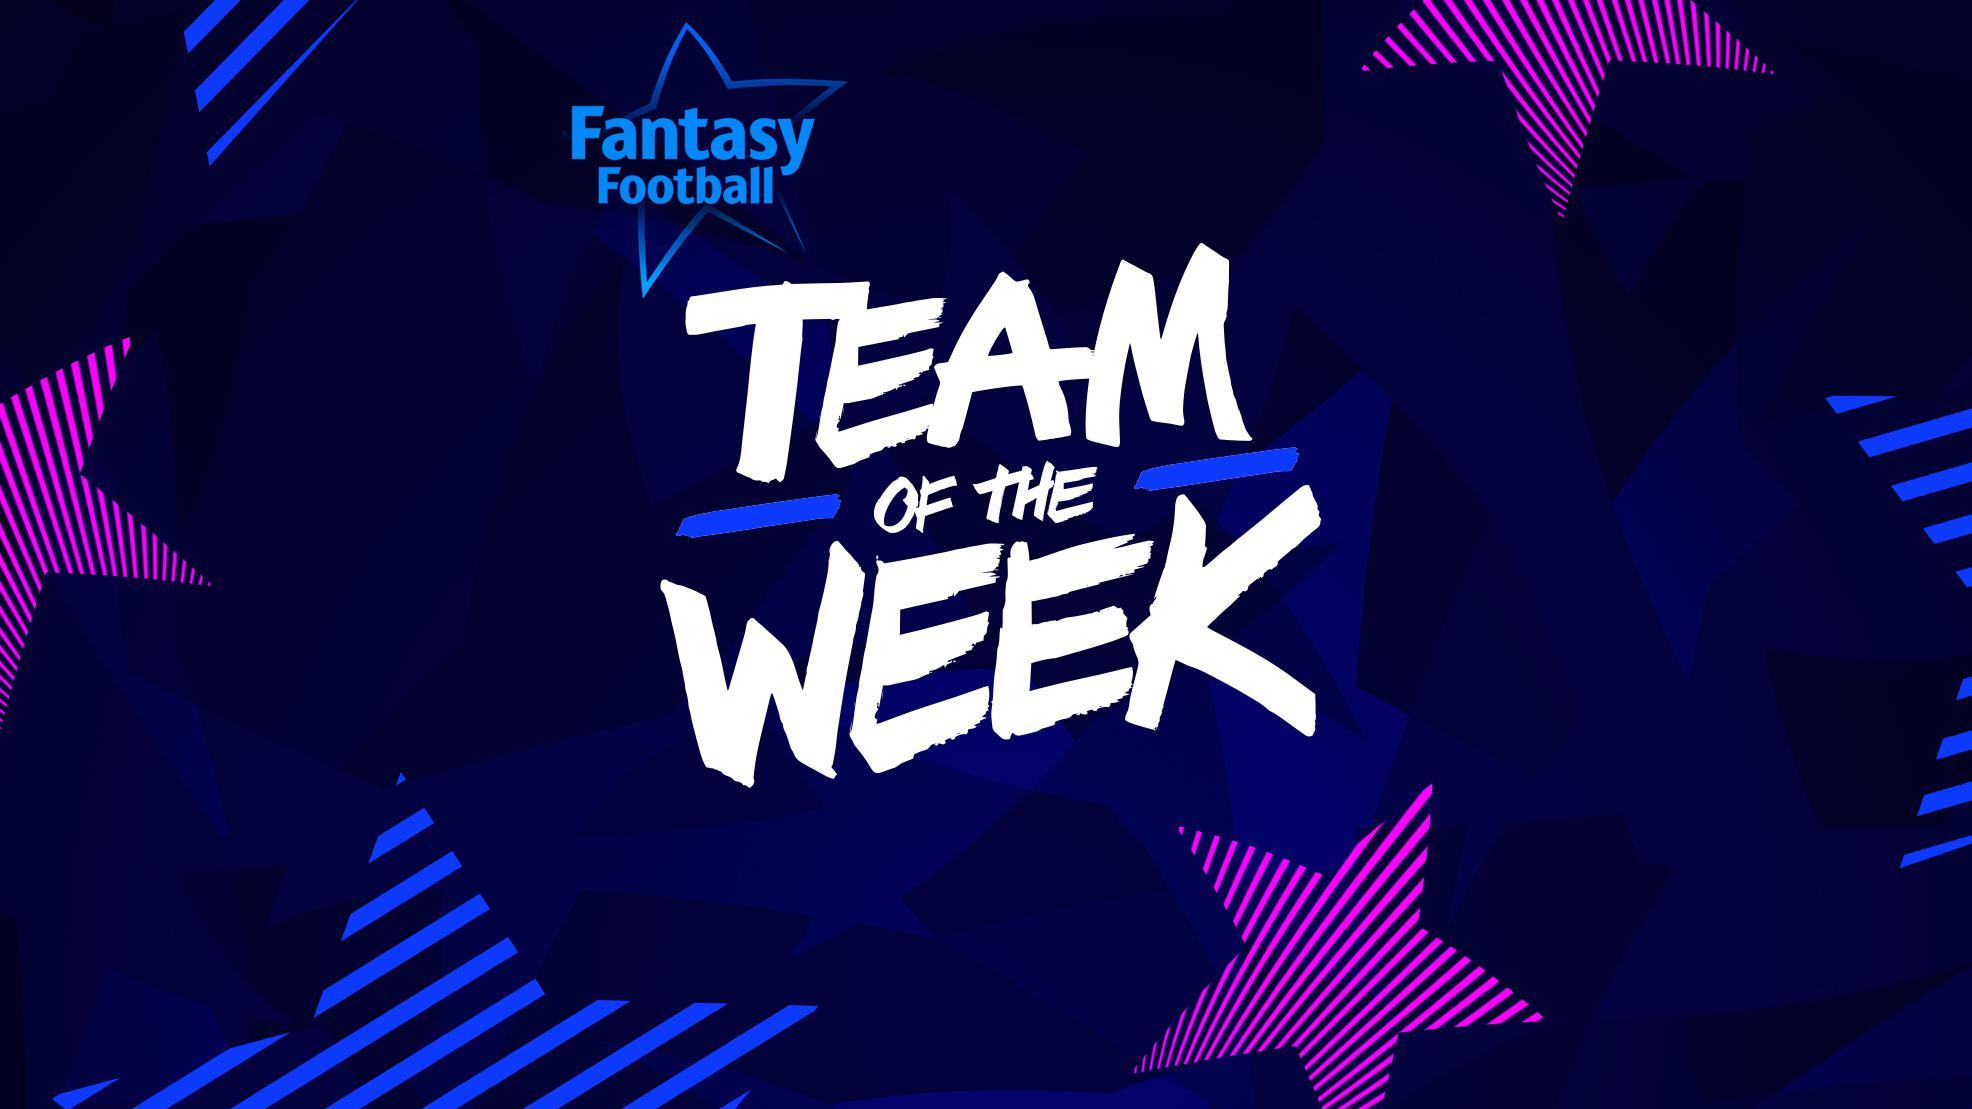 fantastik futbol takımı haftanın fantastik futbol takımı